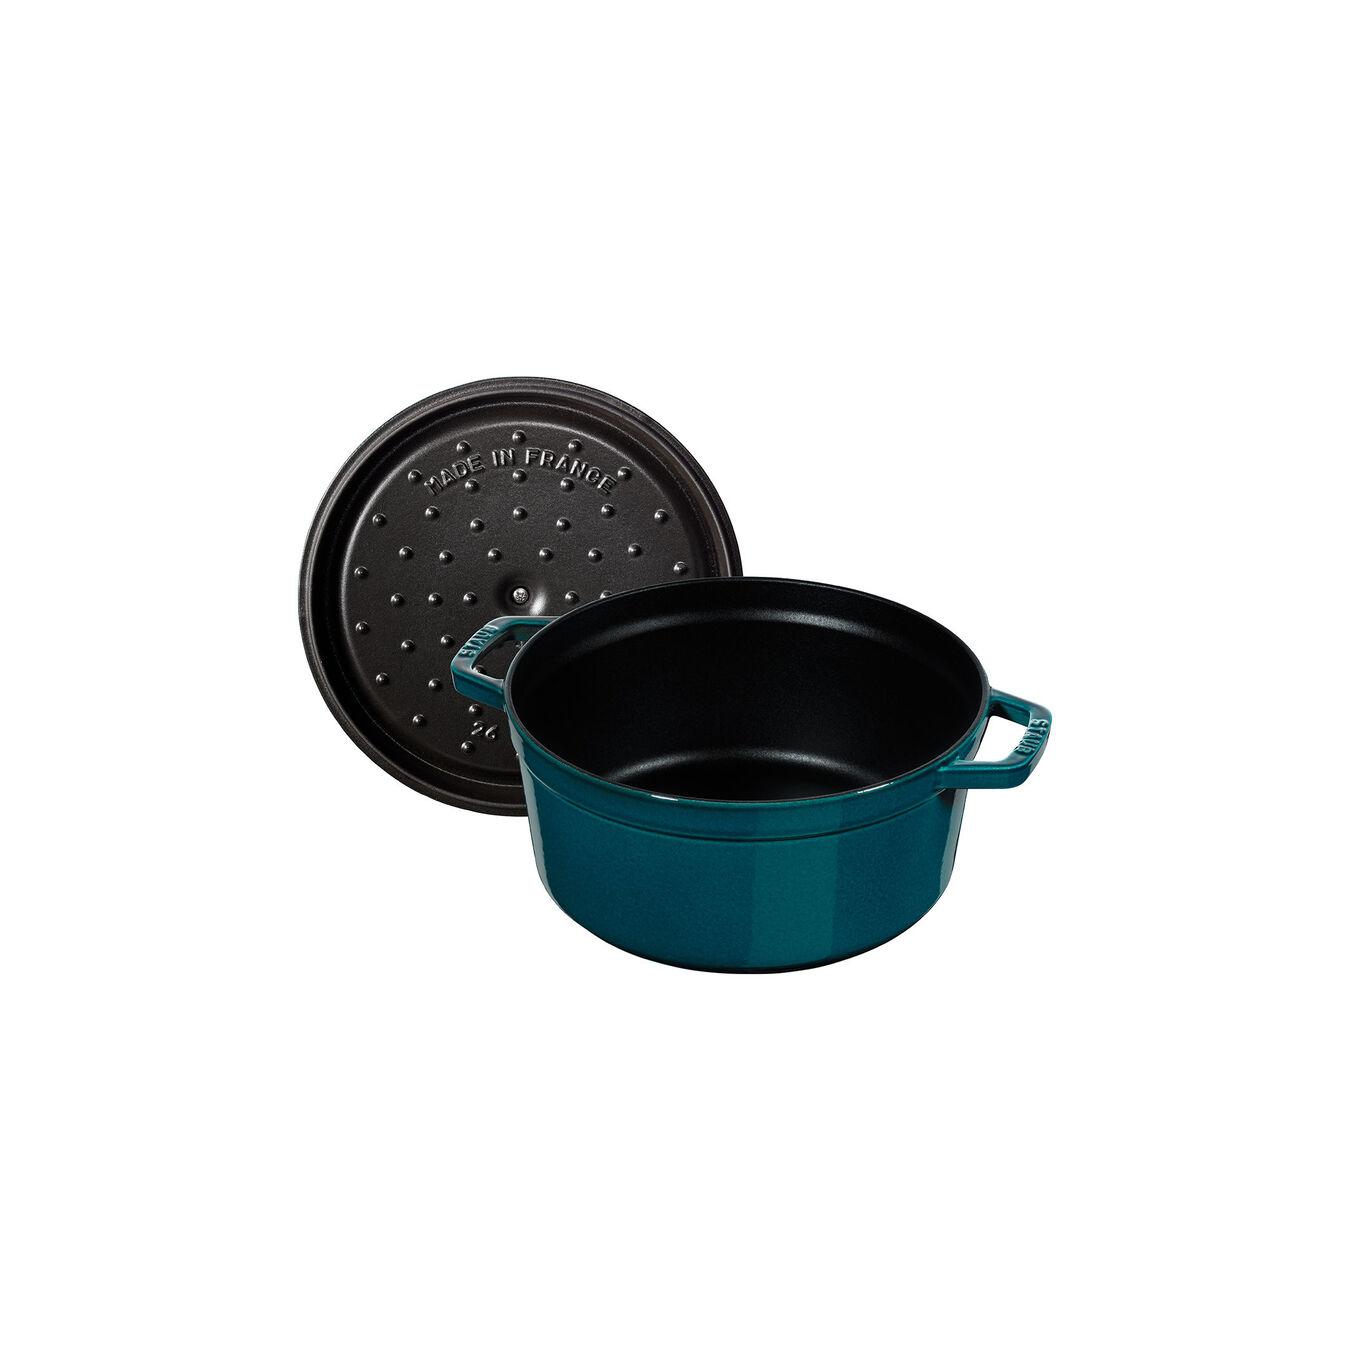 Cocotte en fonte 28 cm / 6,75 l, Rond, Blue La-Mer,,large 7